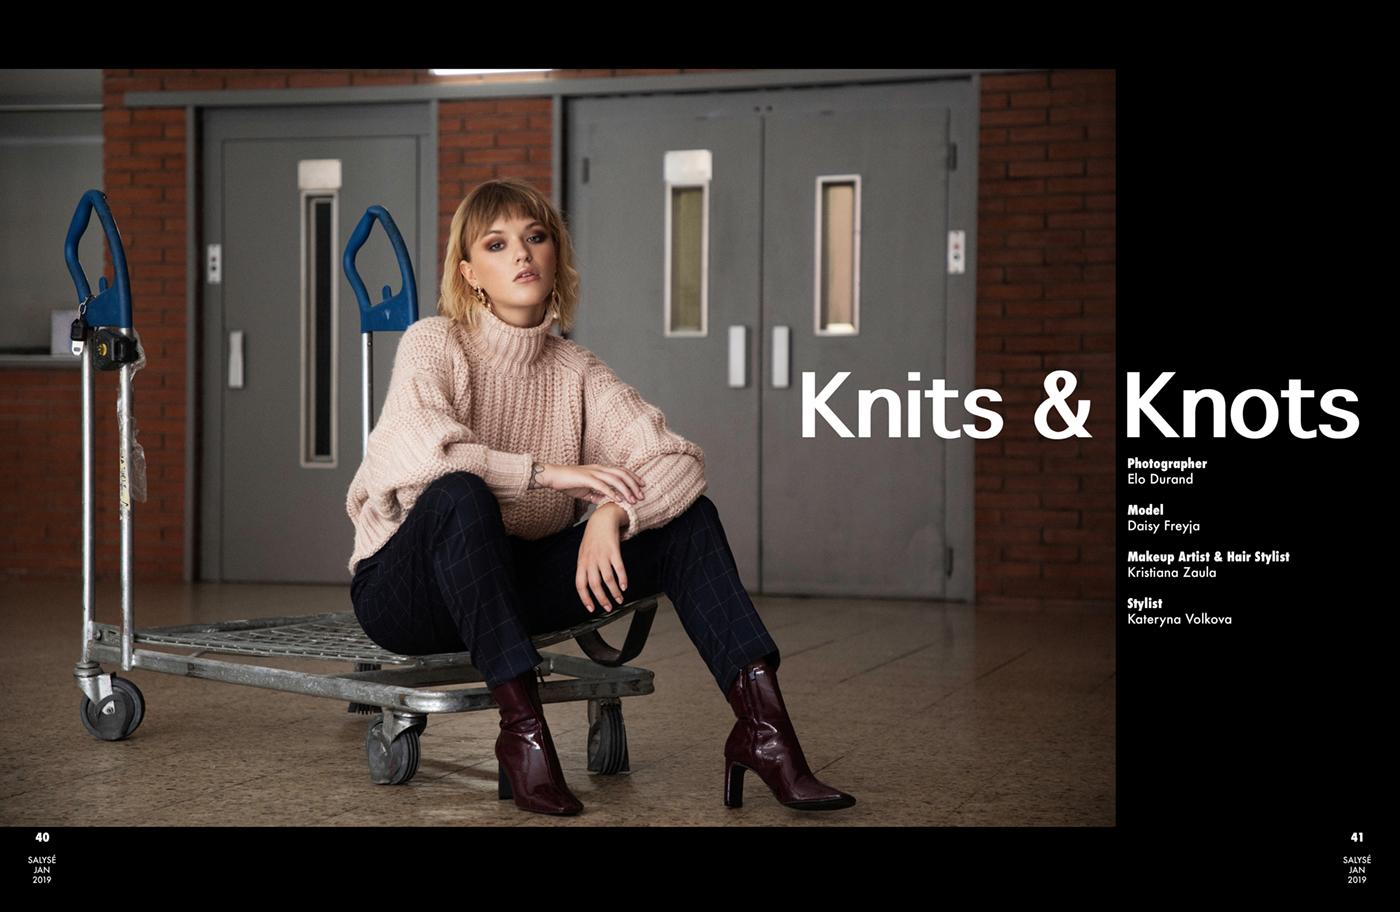 Knits & Knots